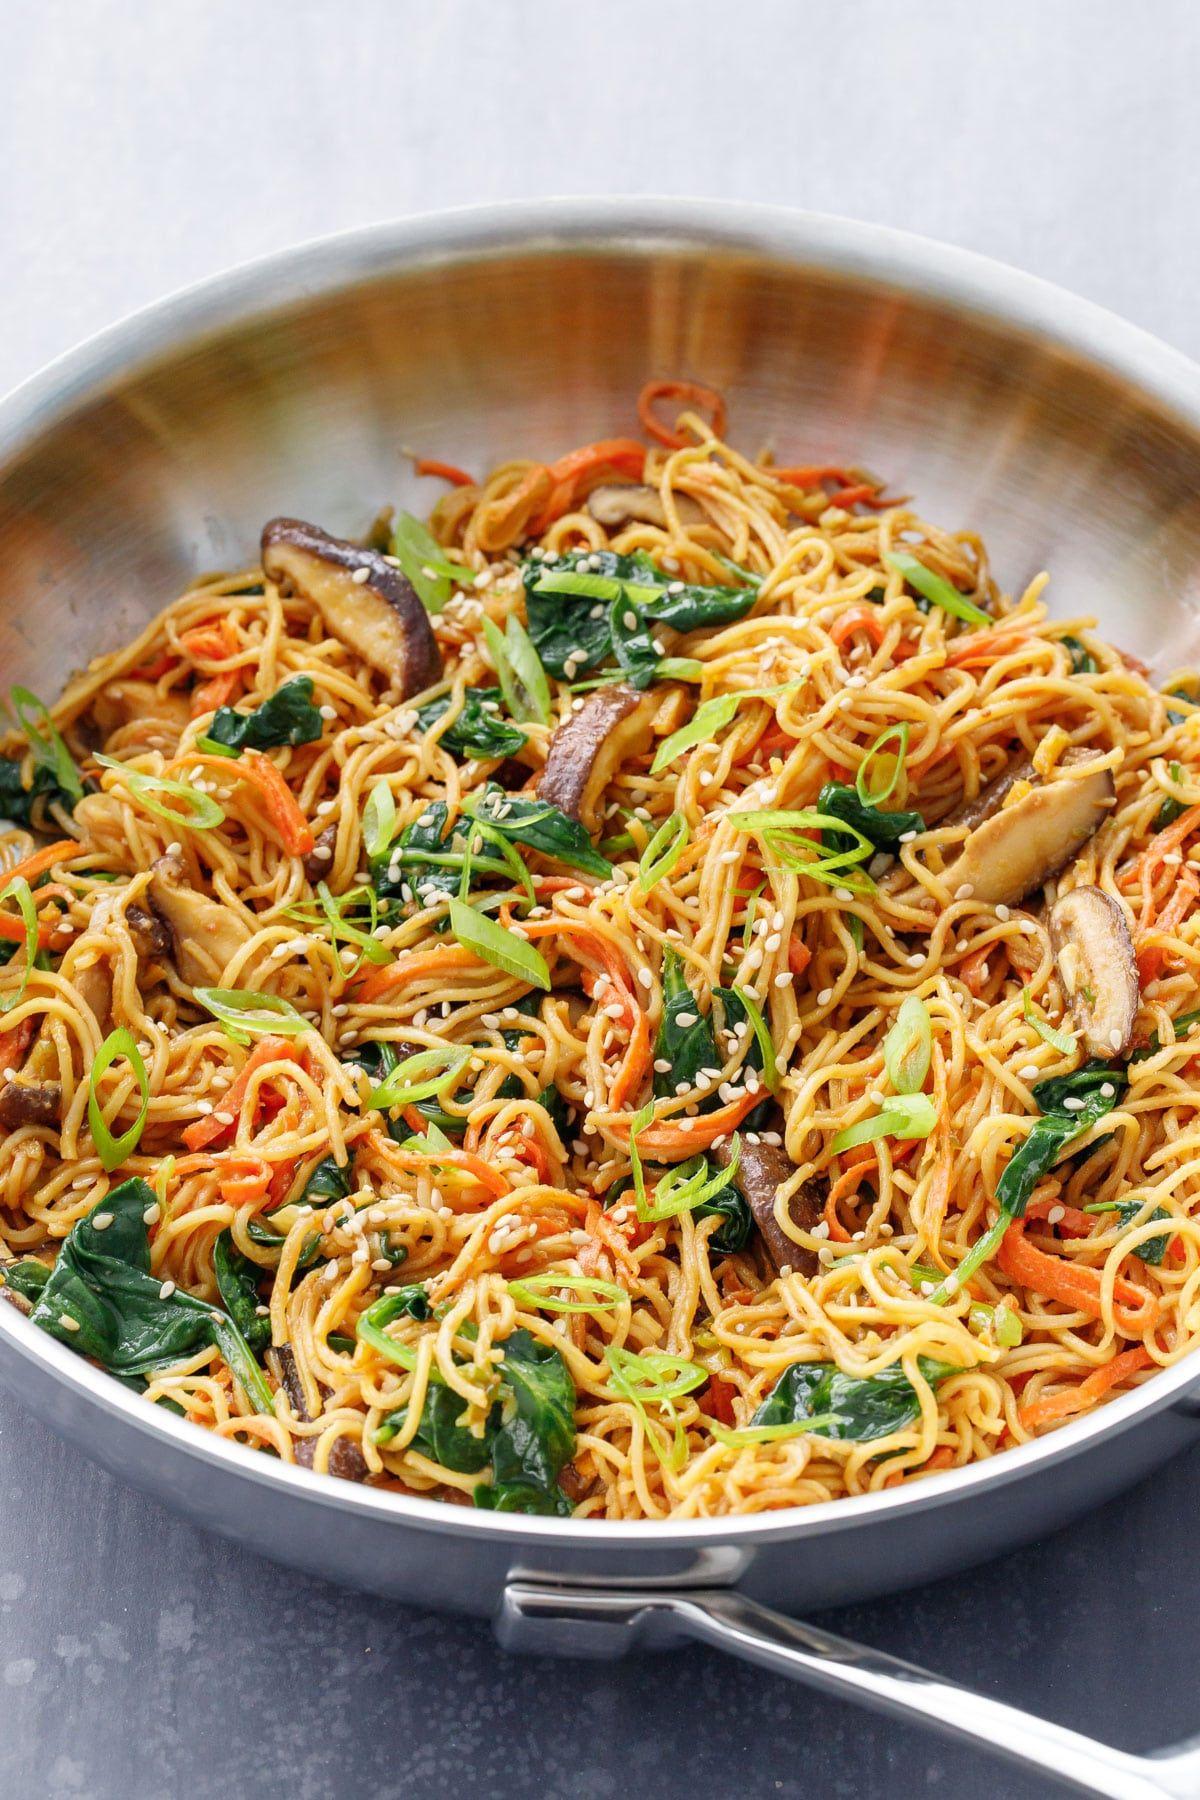 Sesame Stir Fry Noodles Recipe Stir Fry Noodles Fried Noodles